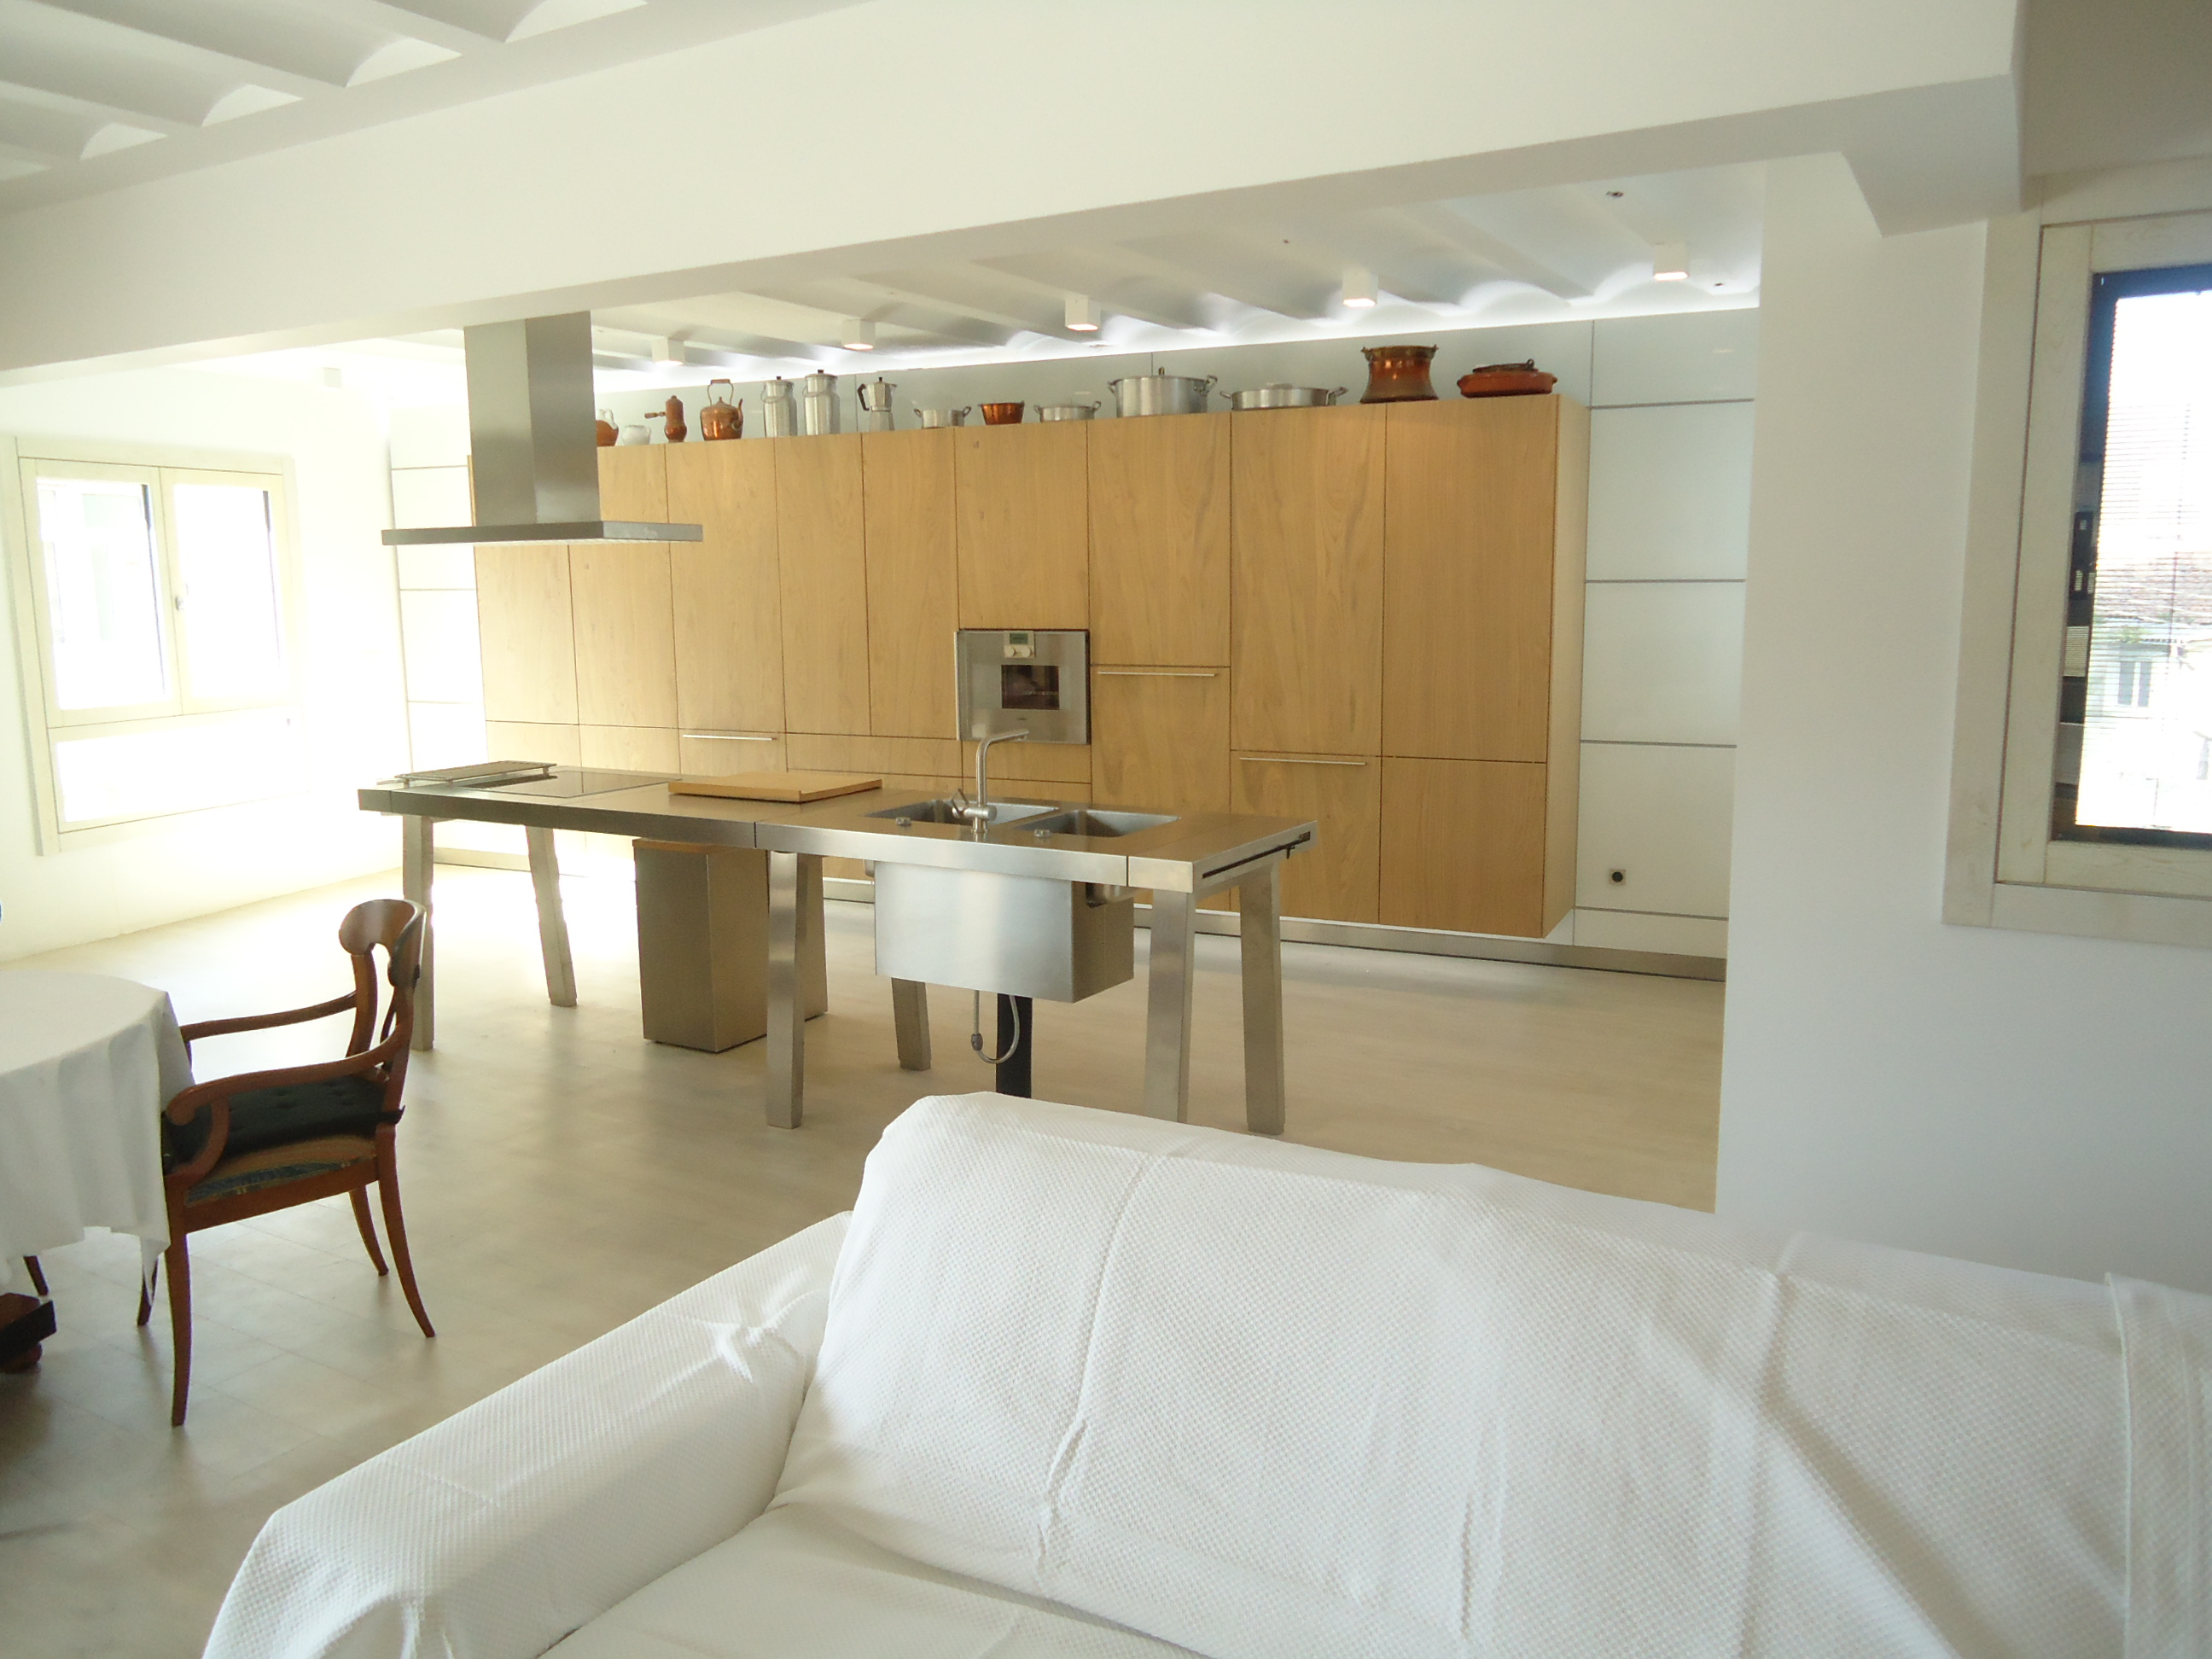 Hall-cocina-salón-comedor abierto